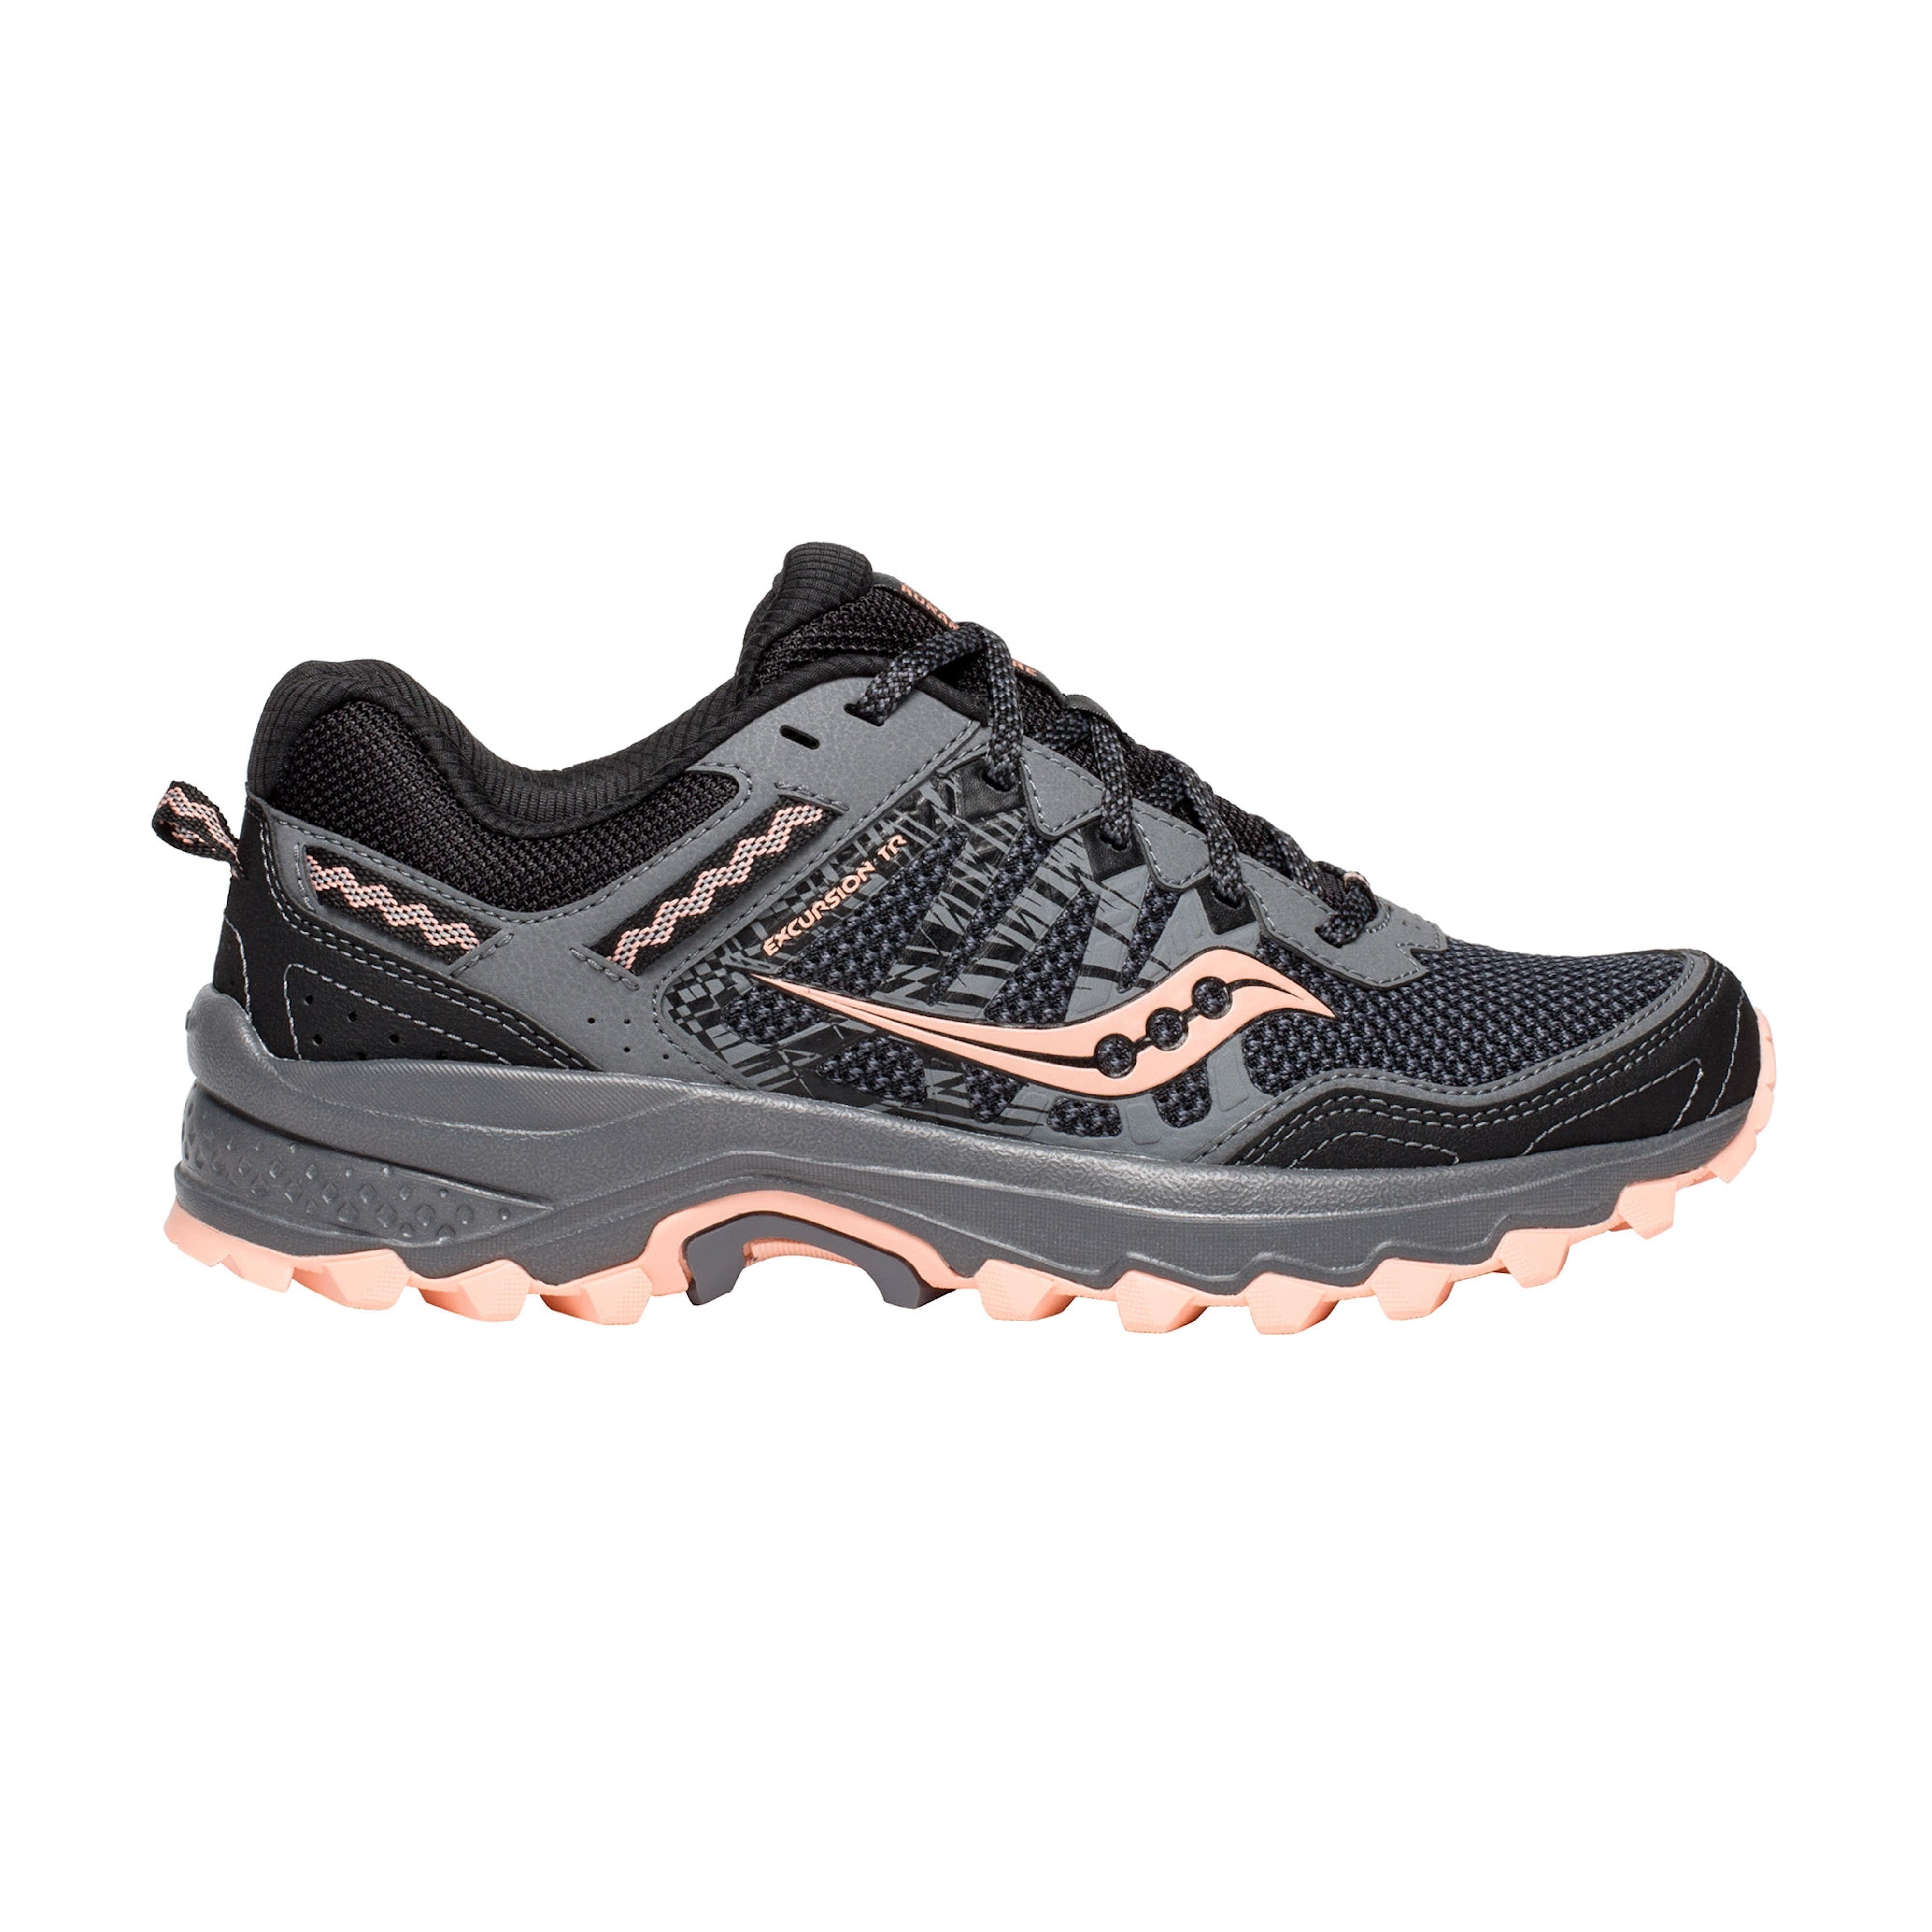 71c3bf6a06e Saucony Excursion TR12 Womens. Saucony Excursion TR12 Women s Shoes